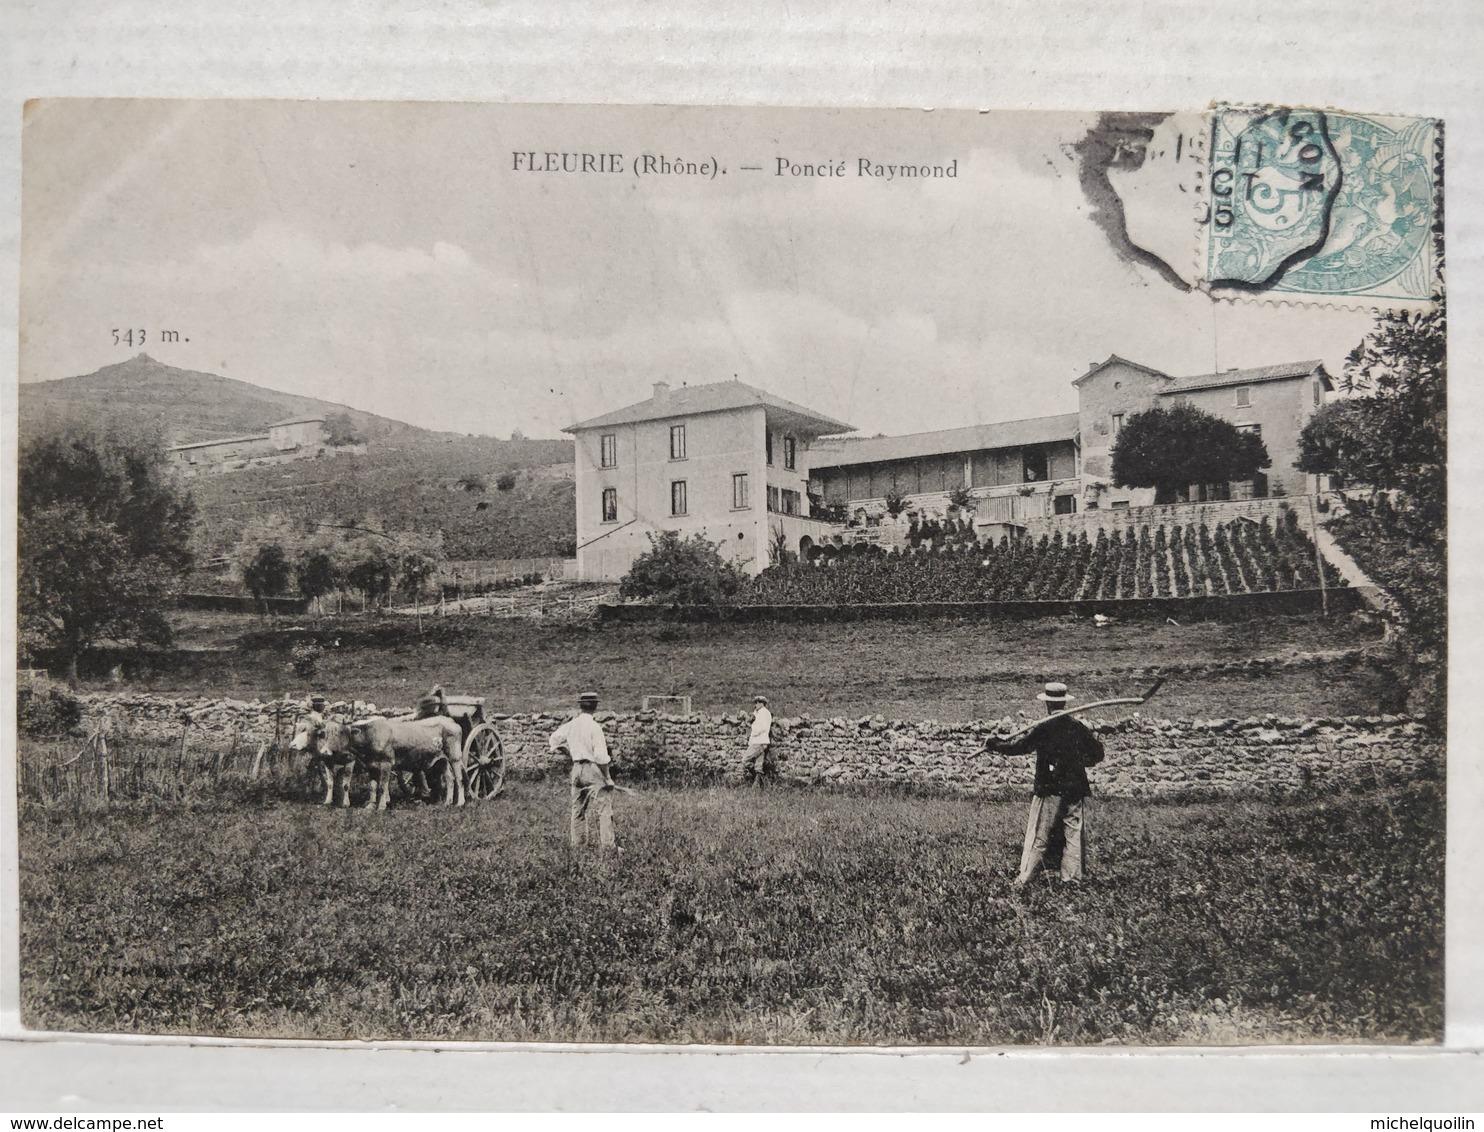 Fleurie. Poncié Raymond - France